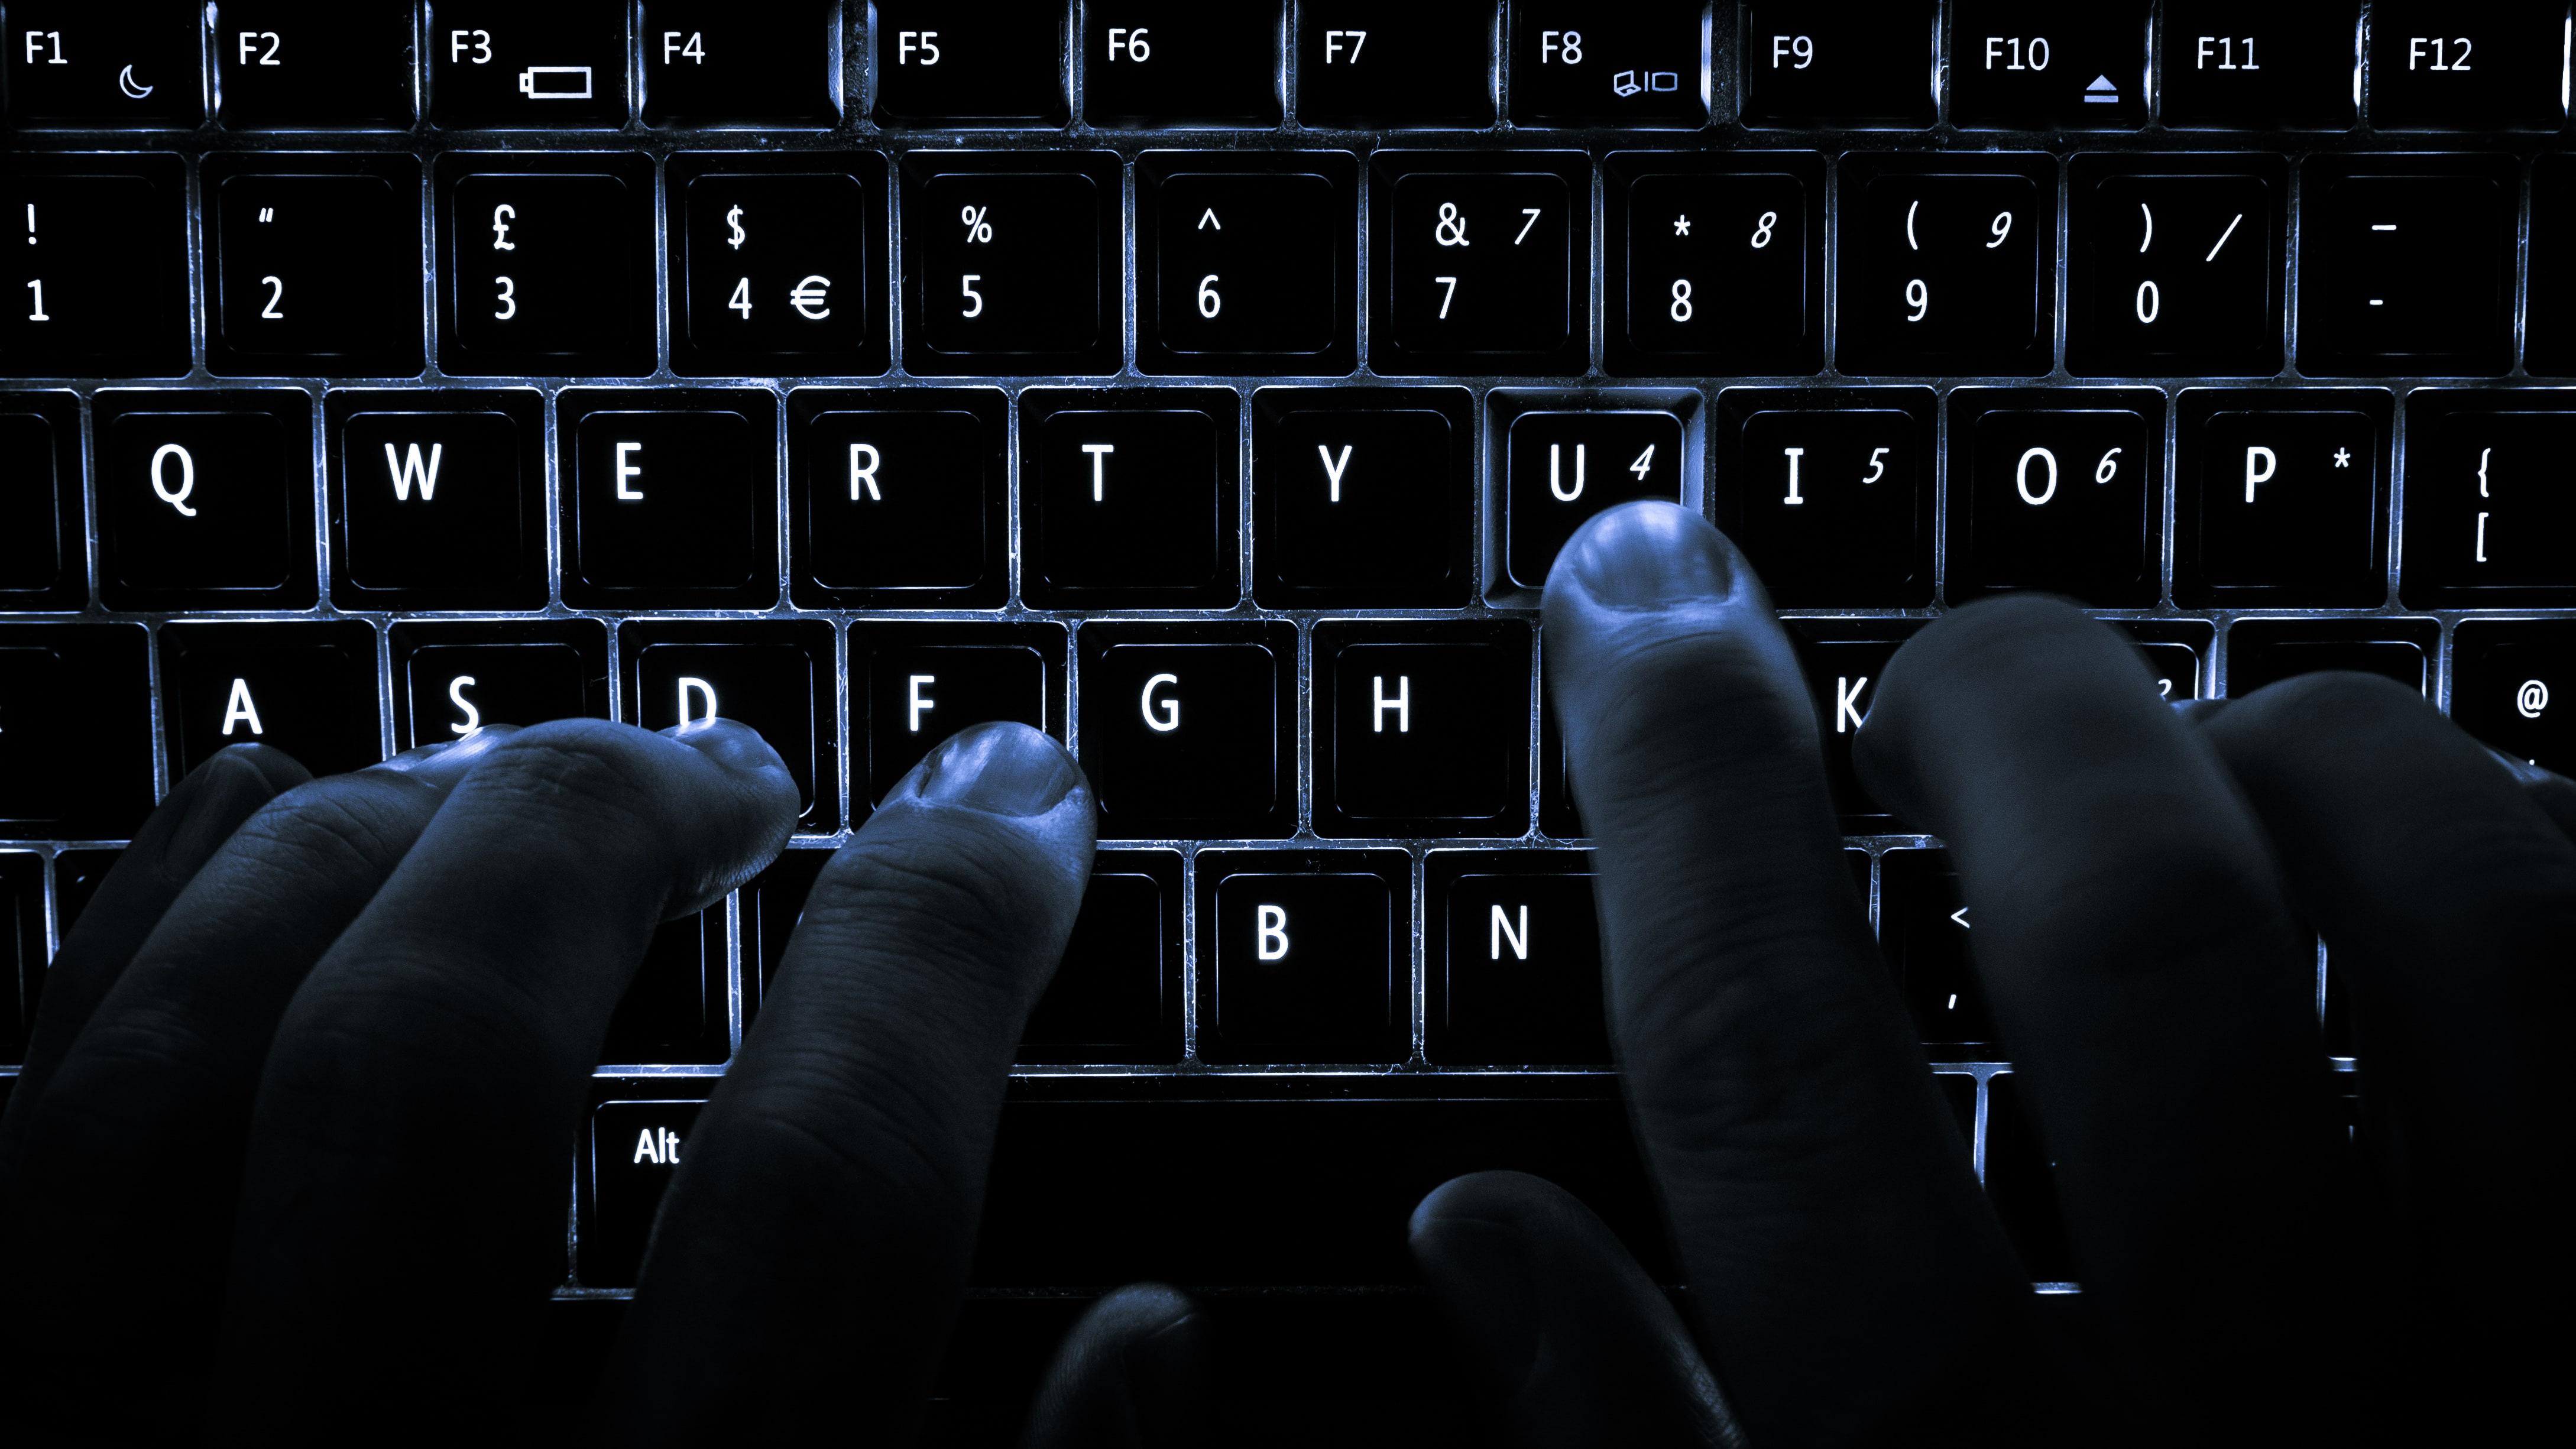 Sécurité : Les outils pour savoir qui utilise votre réseau wifi